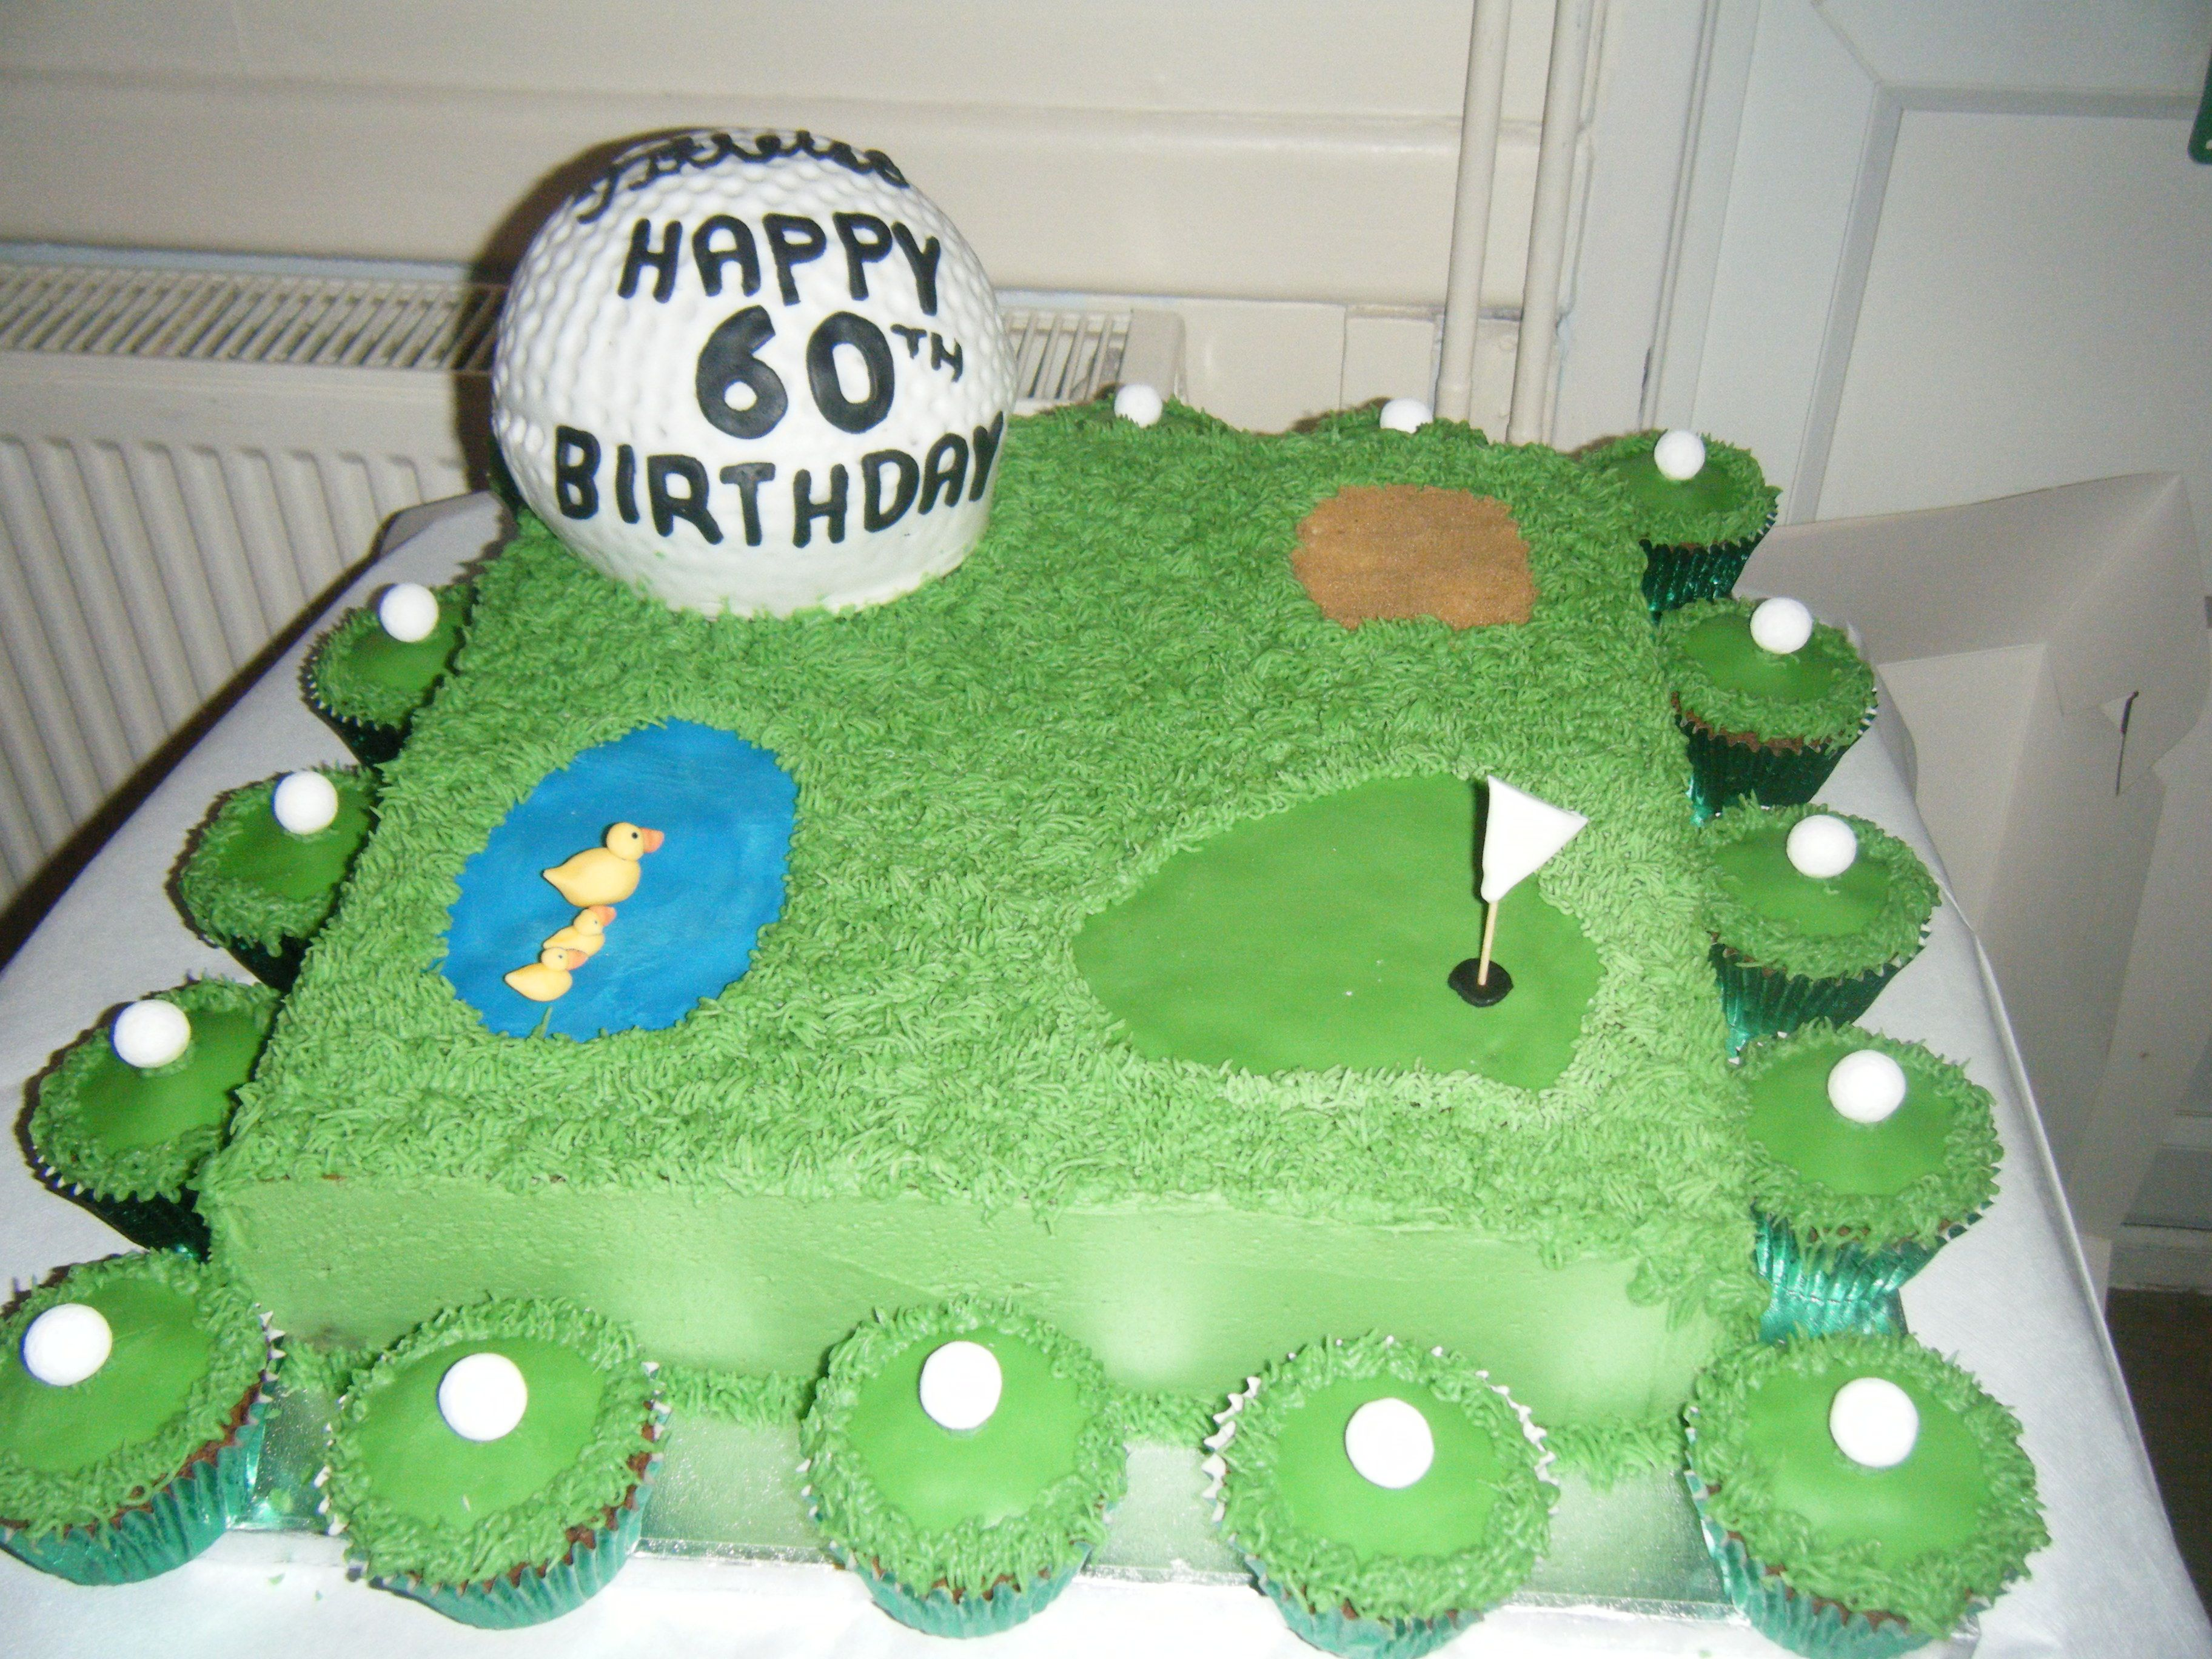 60th Birthday Golf Cake | 60th birthday, Happy 60th birthday, Cake